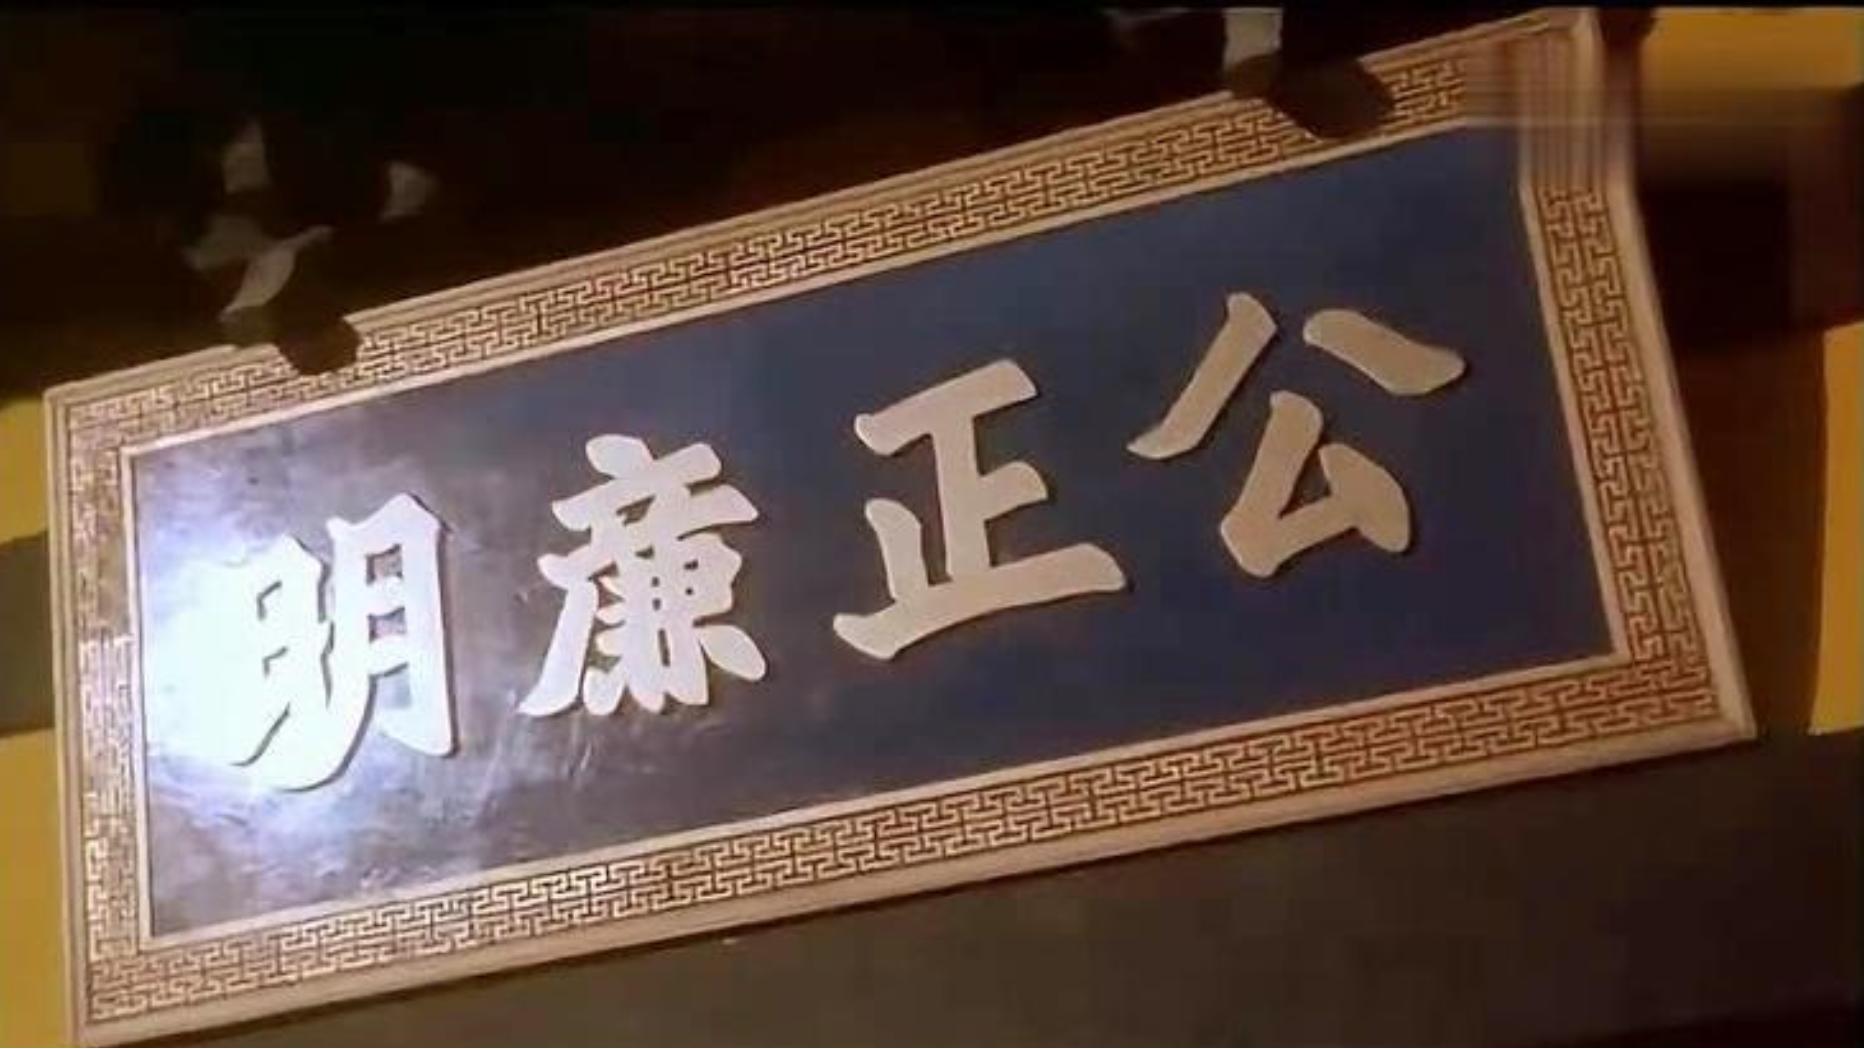 《九品芝麻官》选择这样的出场方式,估计只有星爷想得出来